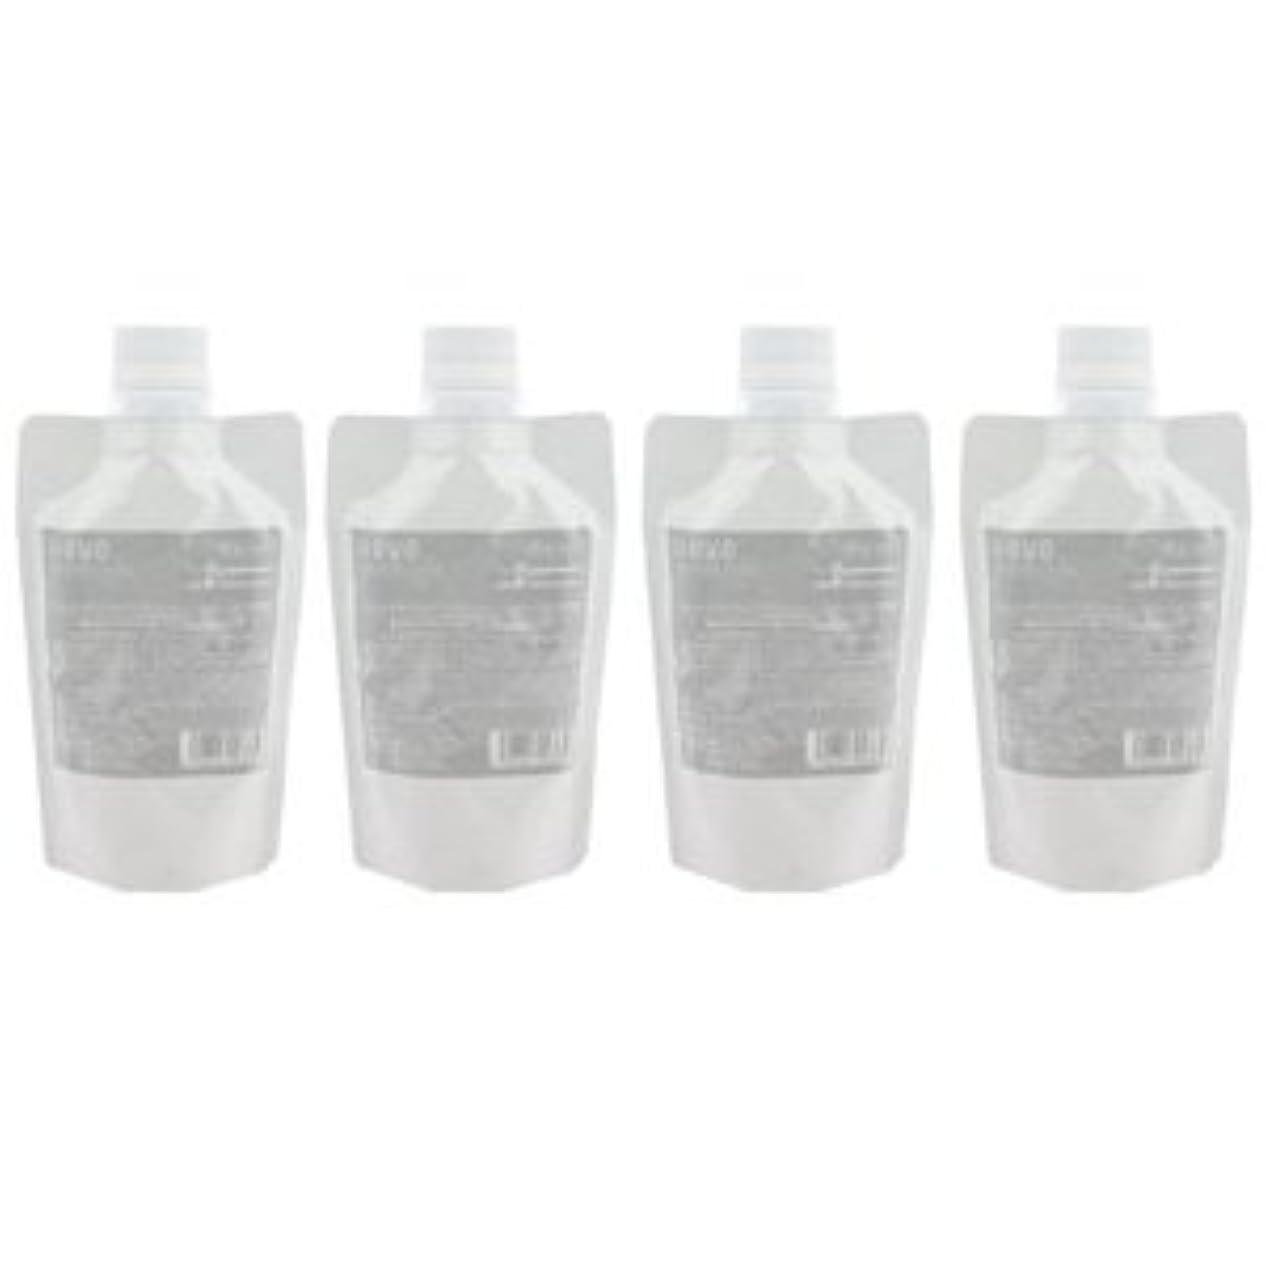 国民堂々たる害虫【X4個セット】 デミ ウェーボ デザインキューブ ドライワックス 200g 業務用 dry wax